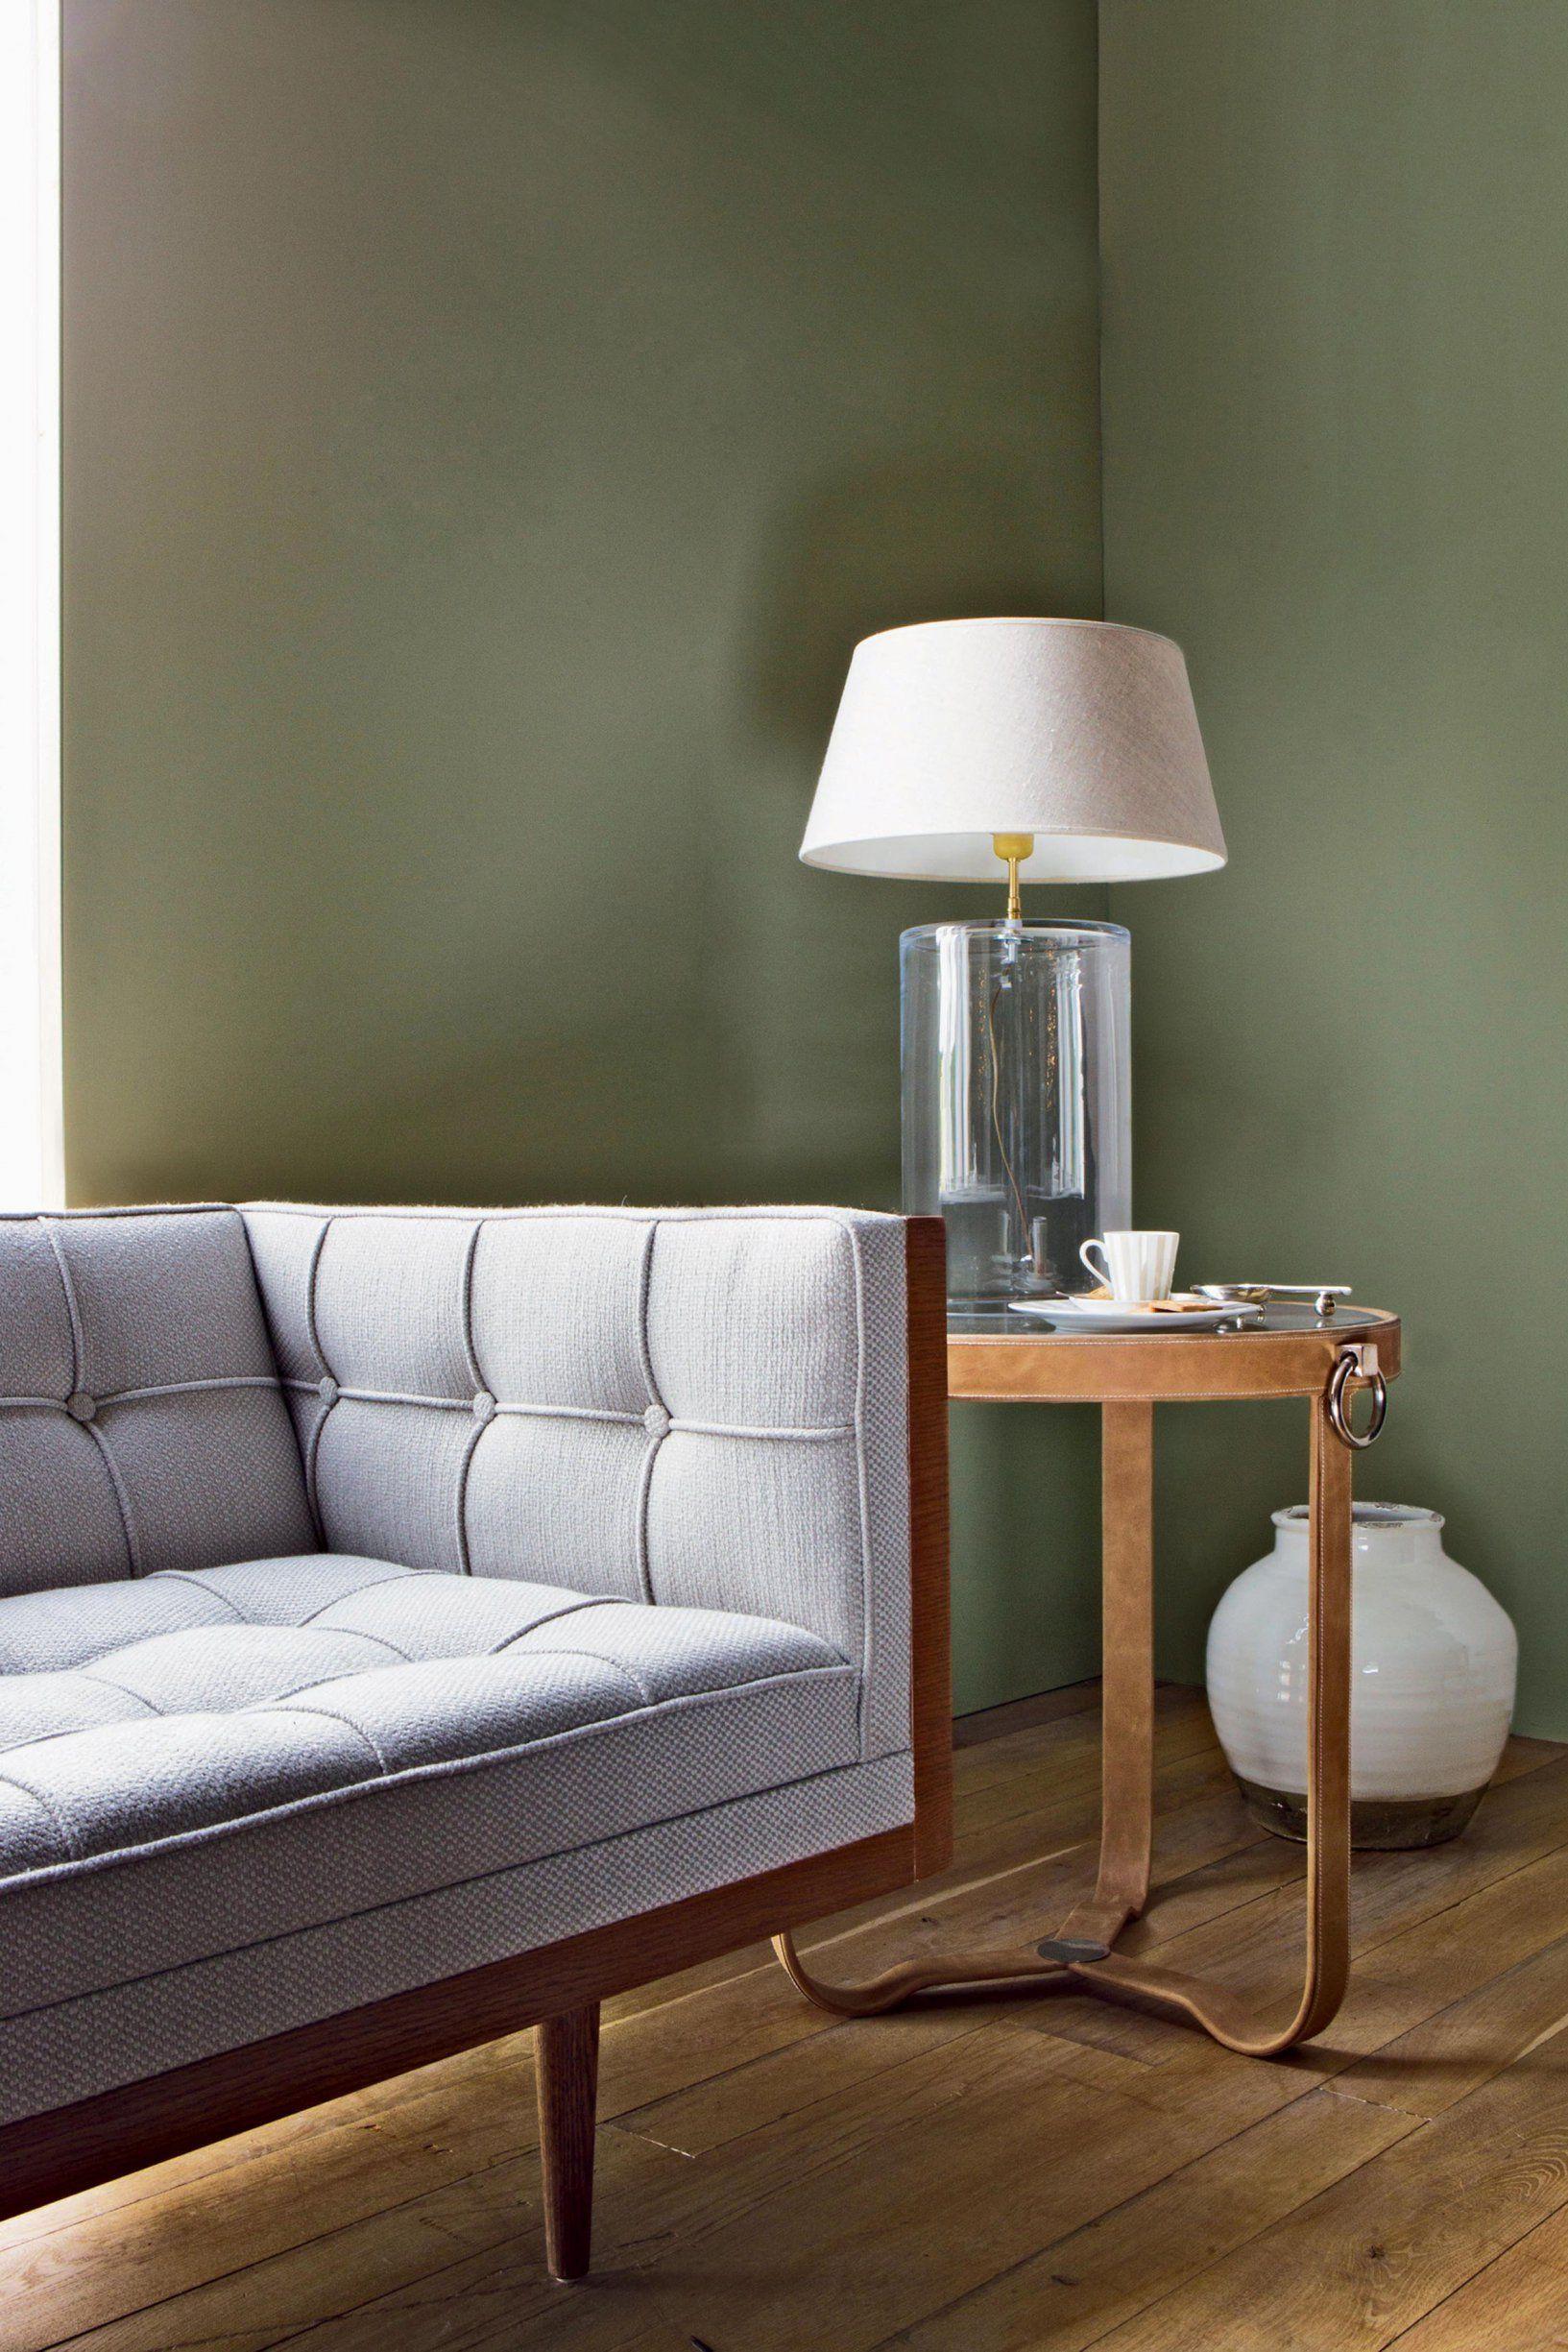 Decouvrez Les Tres Tendance Nouvelles Couleurs De Flamant By Tollens Decoration Maison Idees De Decor Deco Salon Kaki